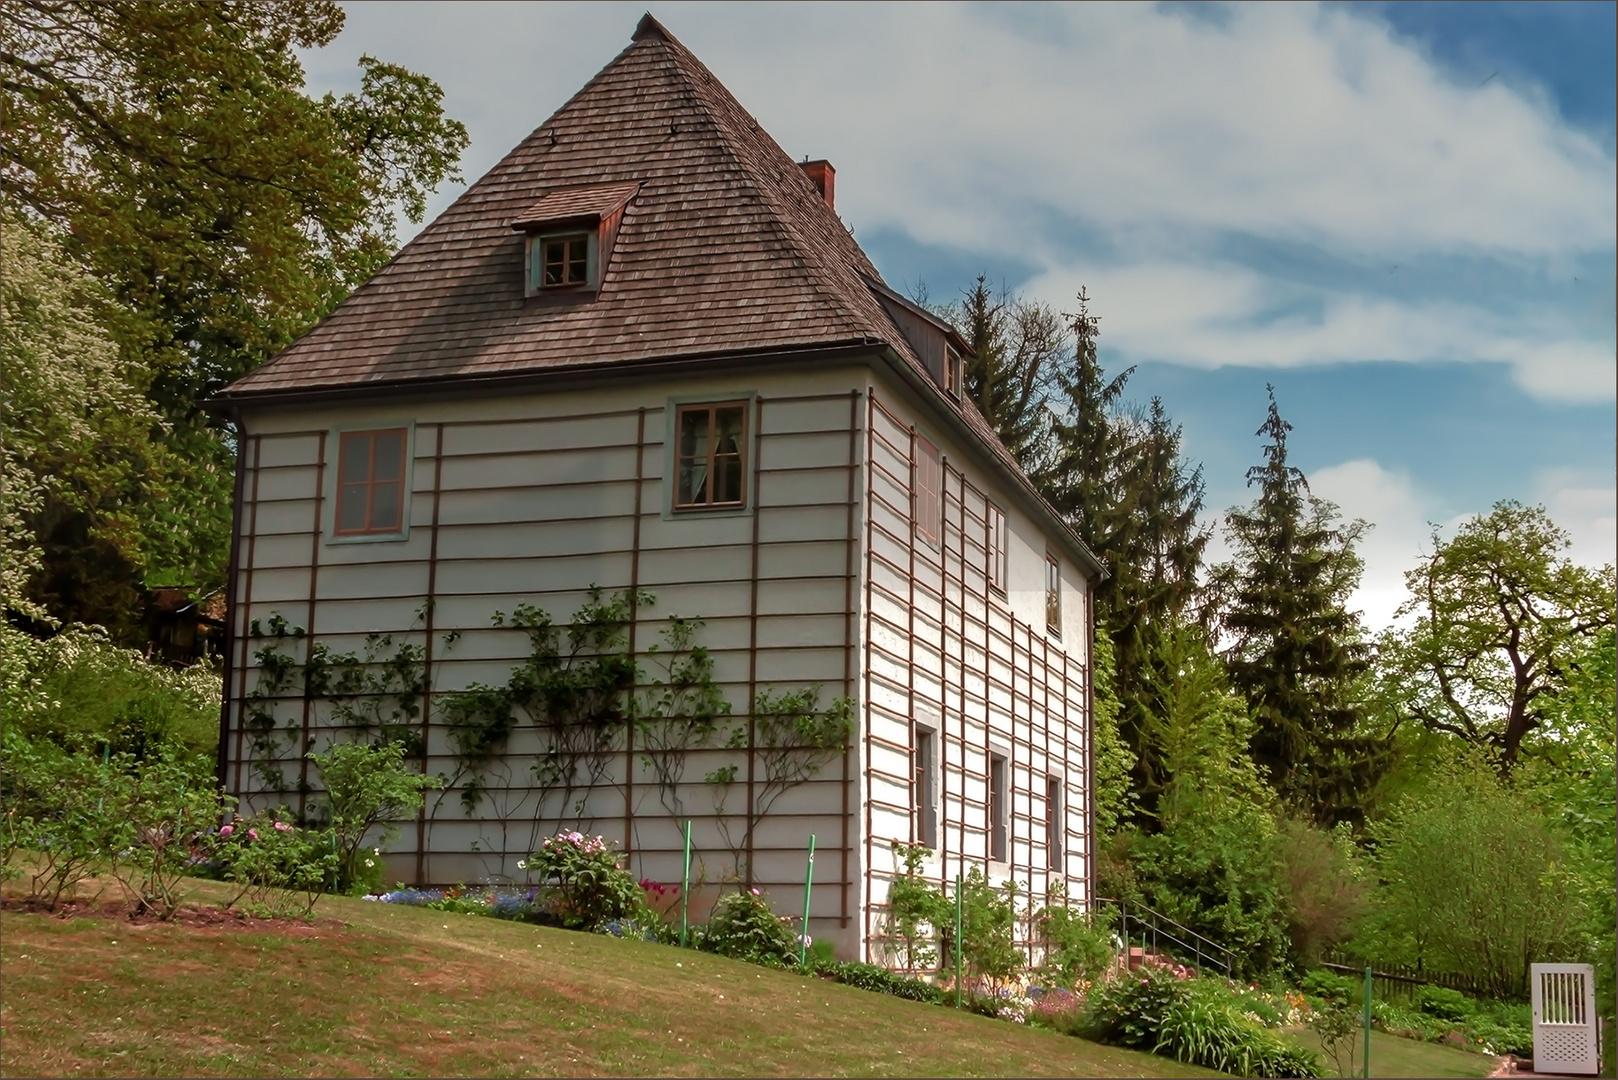 gartenhaus von goethe in weimar foto bild architektur deutschland th ringen bilder auf. Black Bedroom Furniture Sets. Home Design Ideas